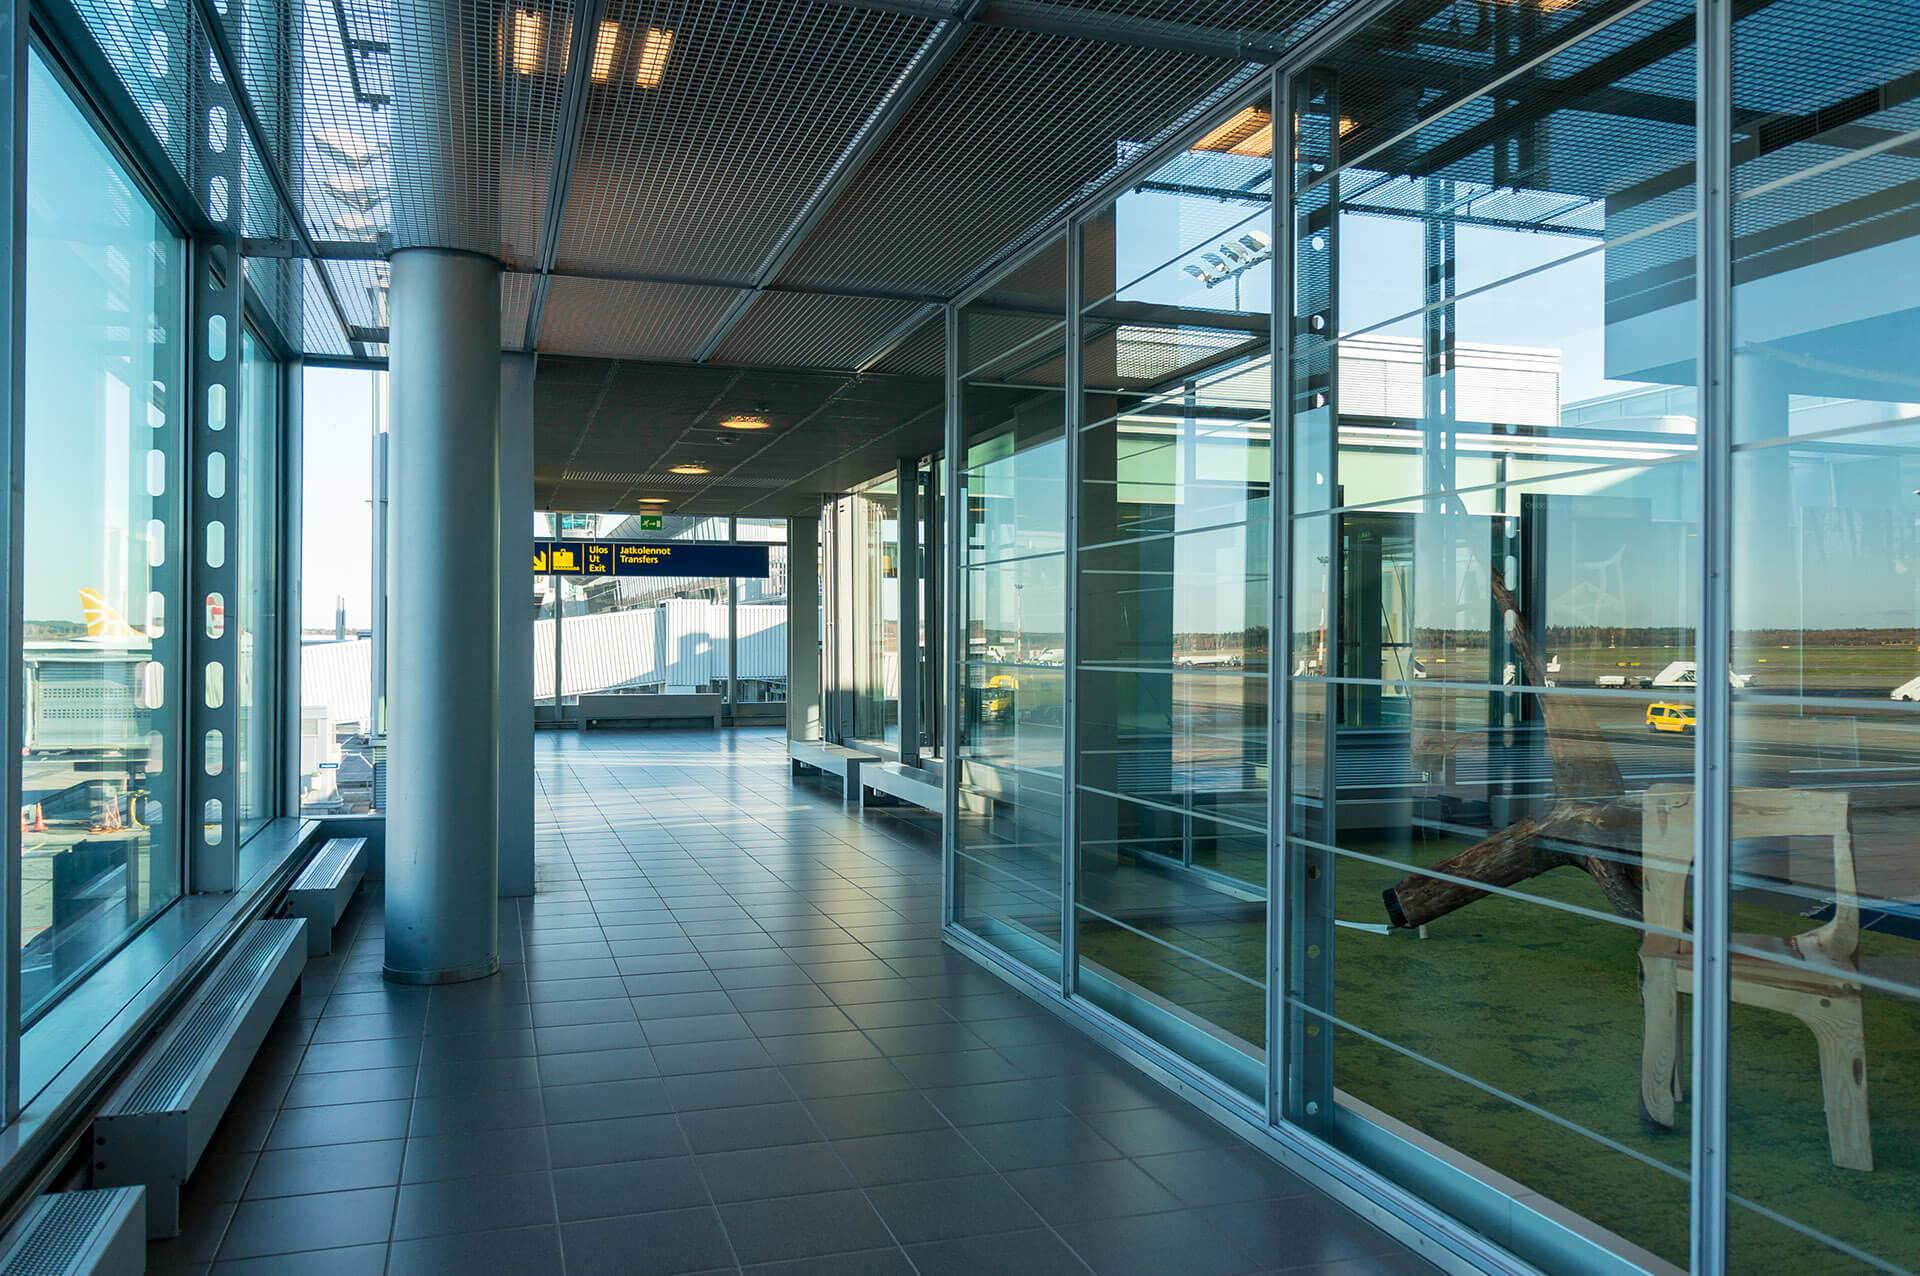 Interno di edificio con finestre e porte automatiche trasparenti